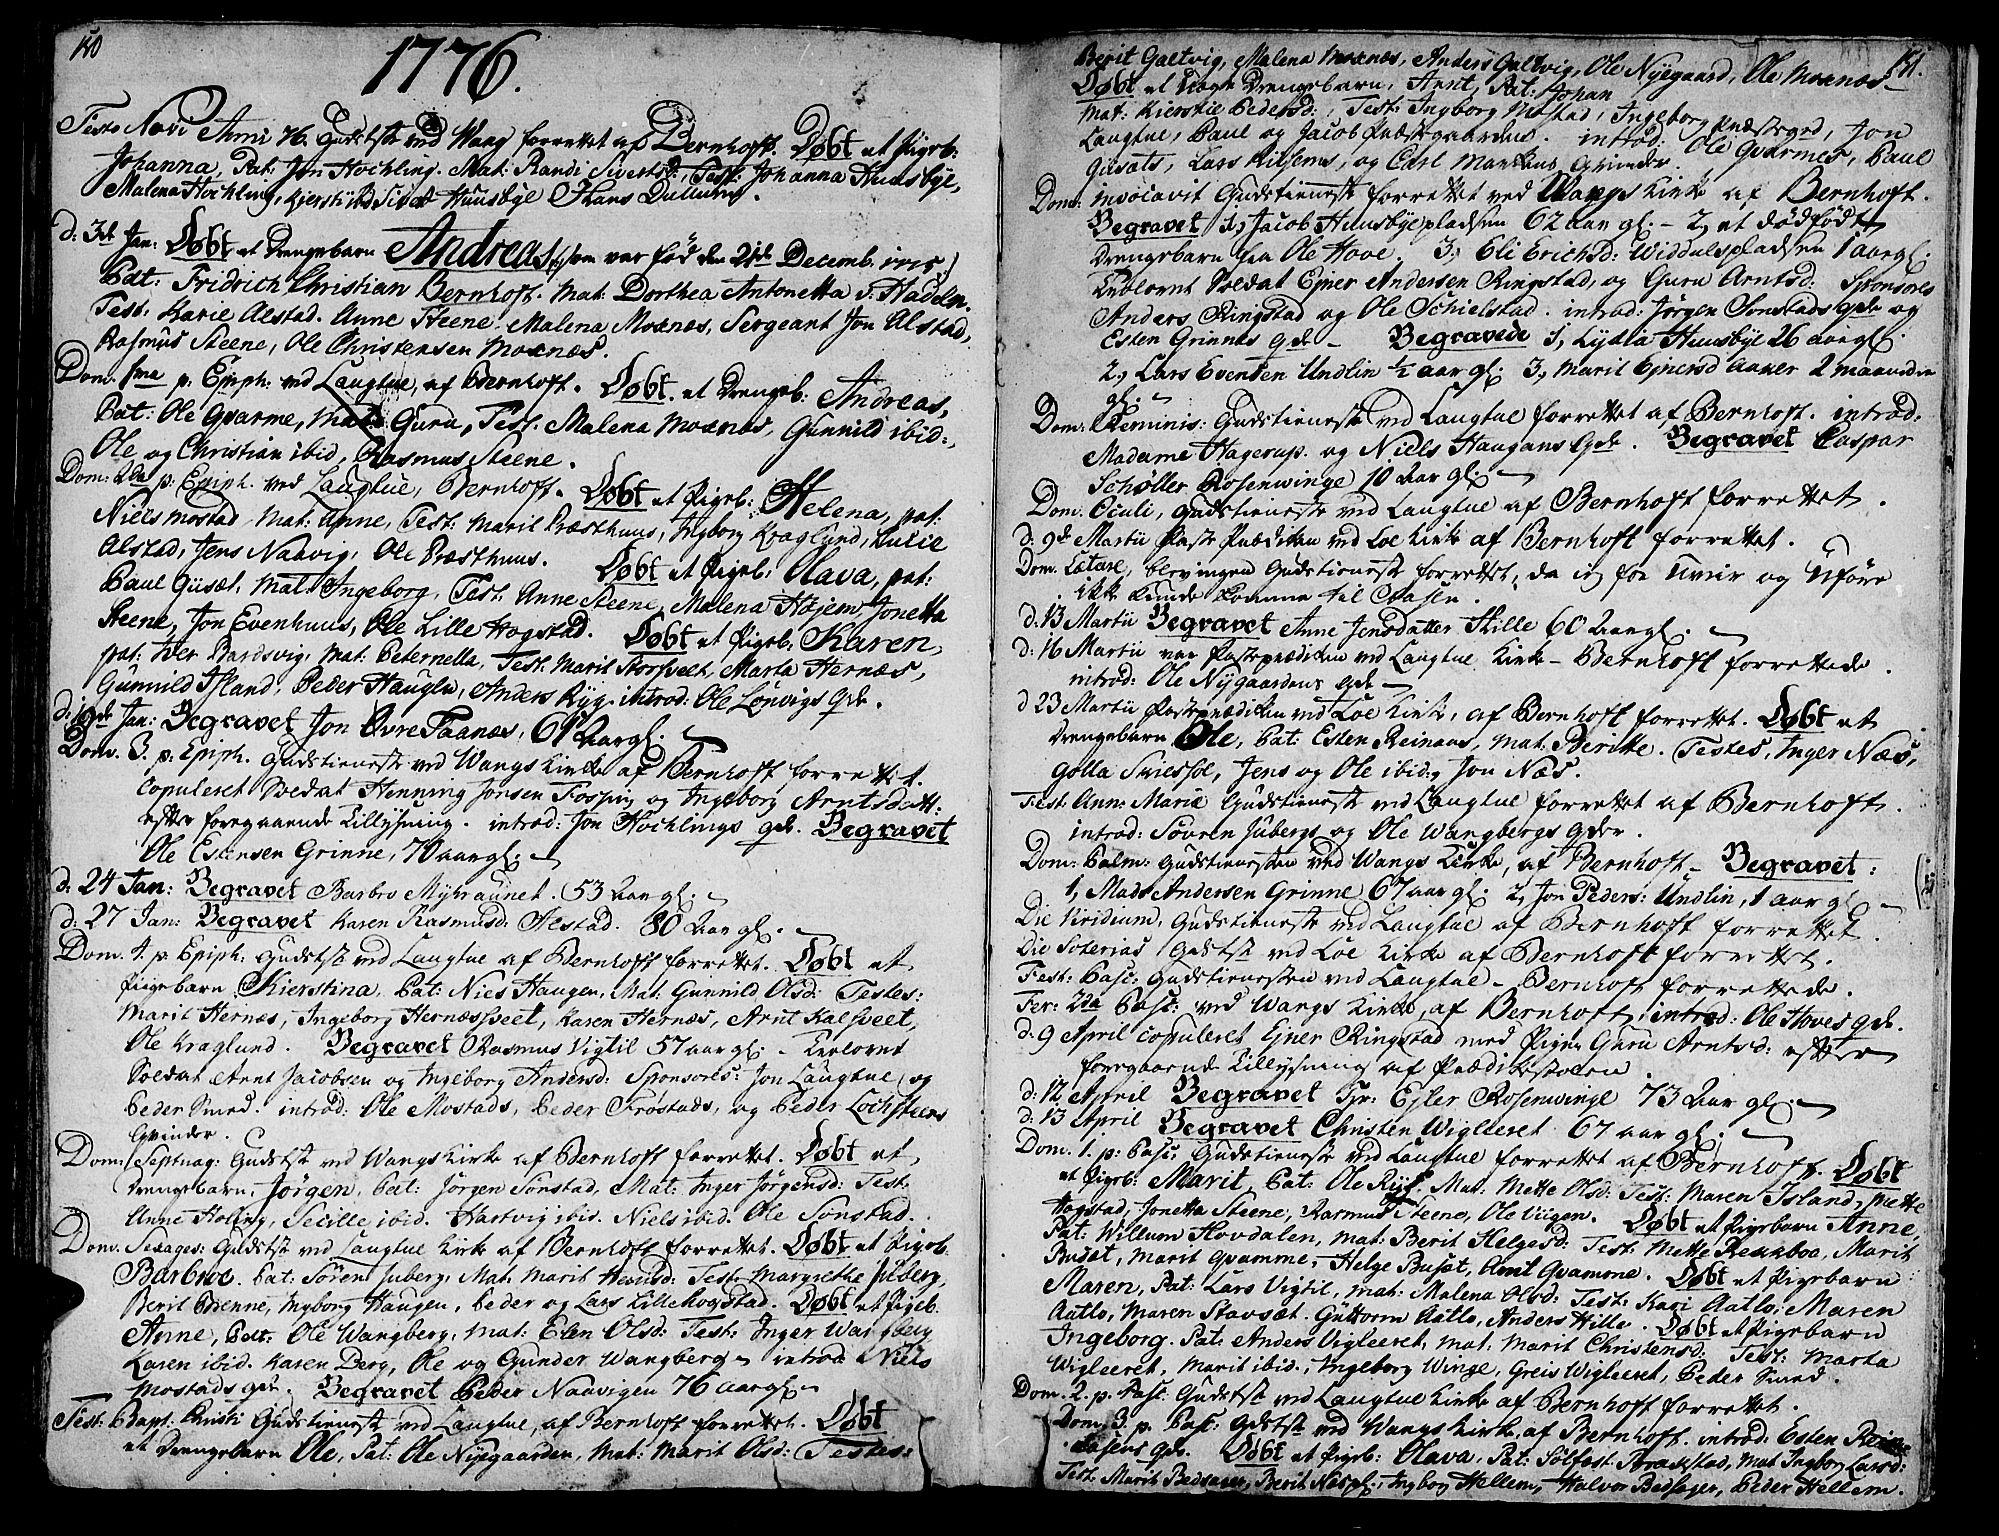 SAT, Ministerialprotokoller, klokkerbøker og fødselsregistre - Nord-Trøndelag, 713/L0109: Ministerialbok nr. 713A01, 1750-1778, s. 150-151